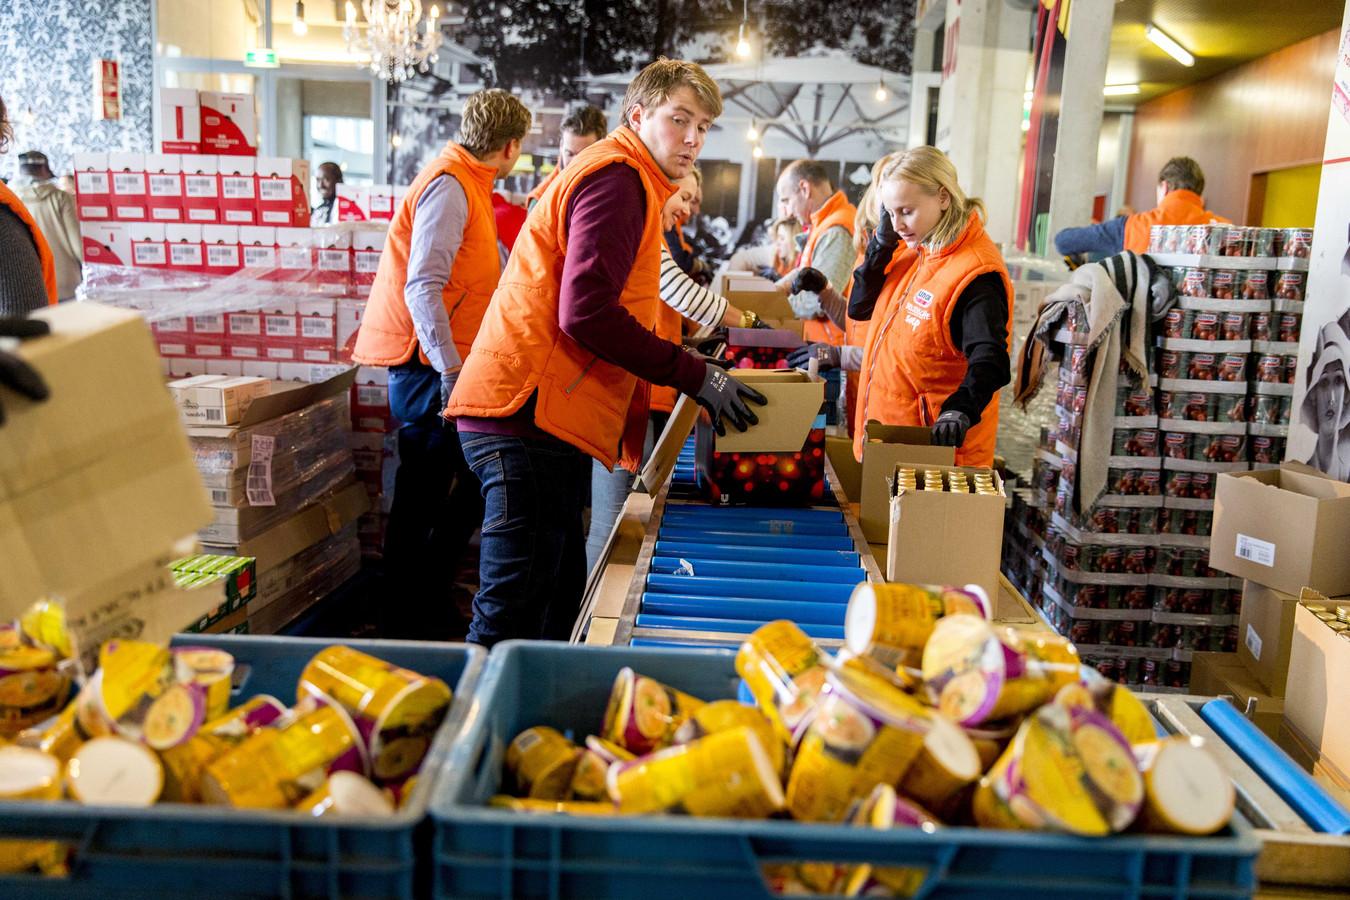 Een deel van de 51 miljoen ton voedsel die jaarlijks in de horeca wordt weggegooid gaat naar de Voedselbank, het meeste belandt echter nog altijd in de kliko.